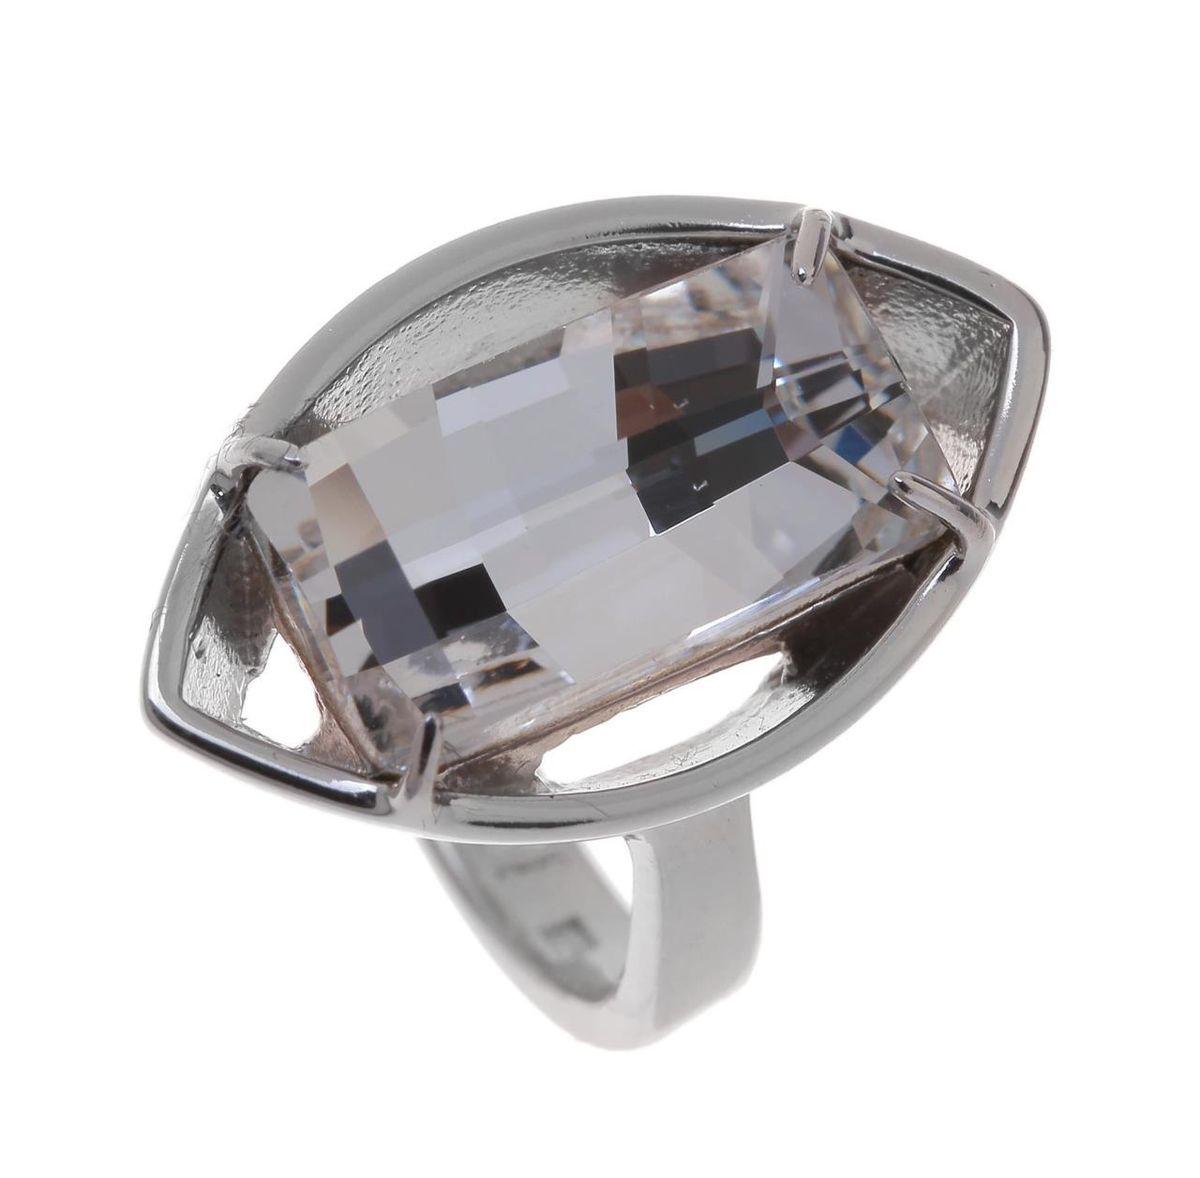 Кольцо Jenavi Коллекция Грани Диандера, цвет: серебряный, белый. r640f000. Размер 19r640f000Коллекция Грани, Диандера (Кольцо) гипоаллергенный ювелирный сплав,Серебрение c род. , вставка Кристаллы Swarovski , цвет - серебряный, белый, размер - 19 избегать взаимодействия с водой и химическими средствами